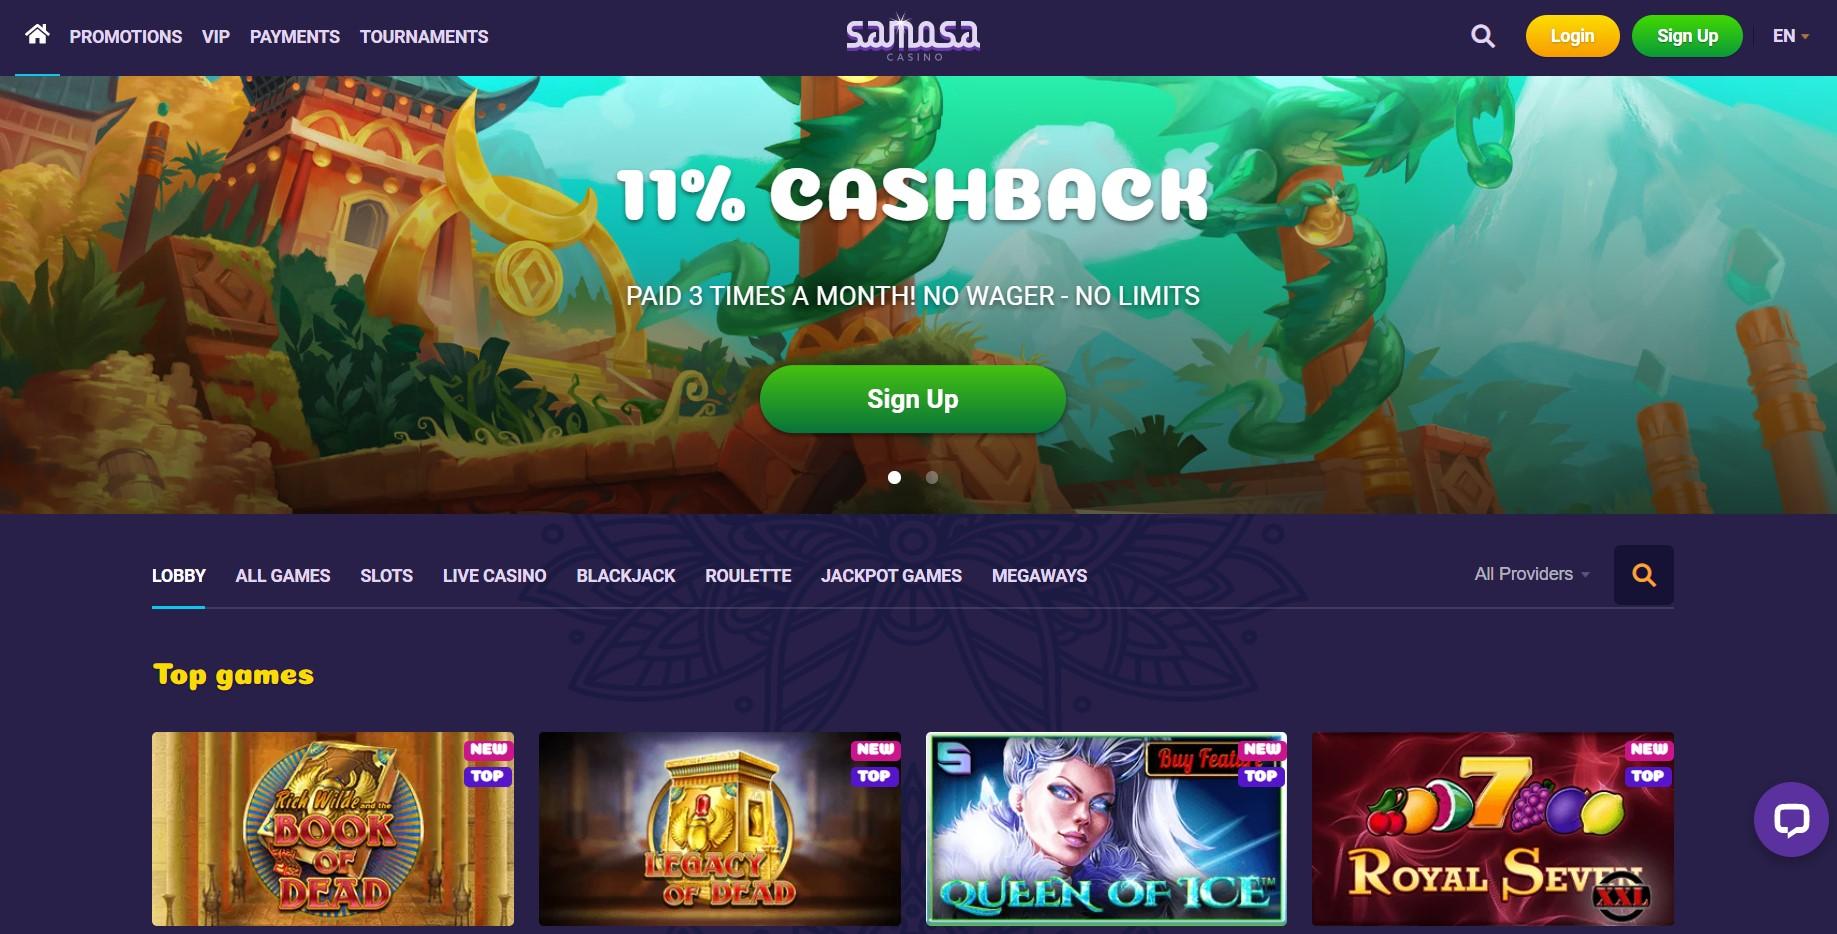 Samosa Casino homepage